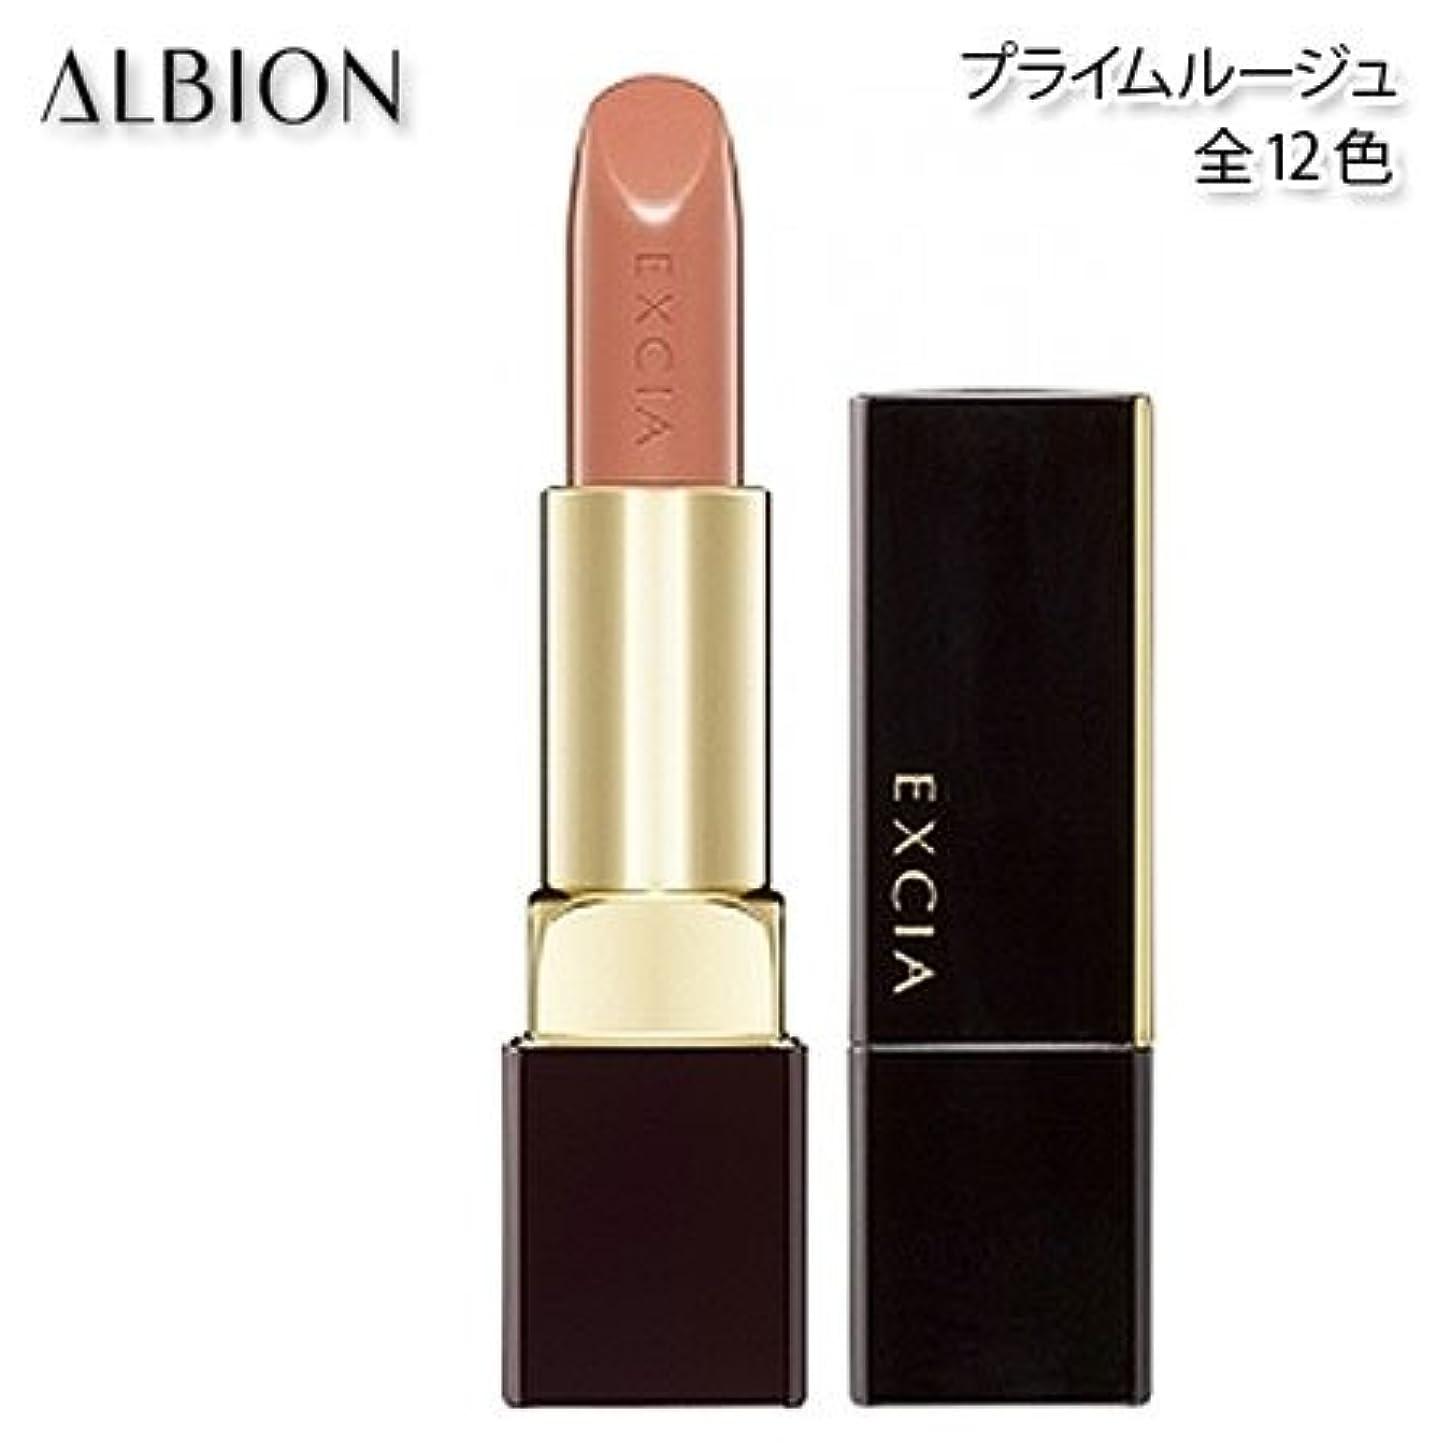 の配列言い換えると資格アルビオン エクシア AL プライムルージュ 4.2g 12色 -ALBION- RS500